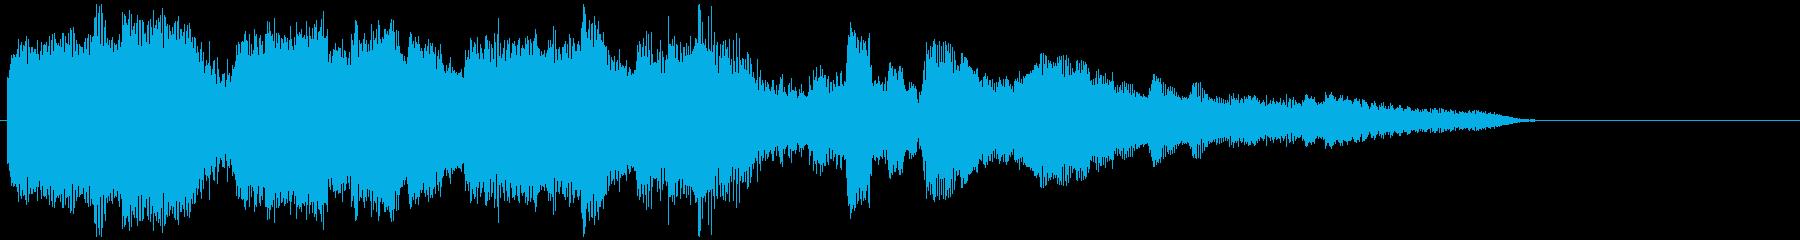 晴れやかなピアノとサックスの15秒CM曲の再生済みの波形